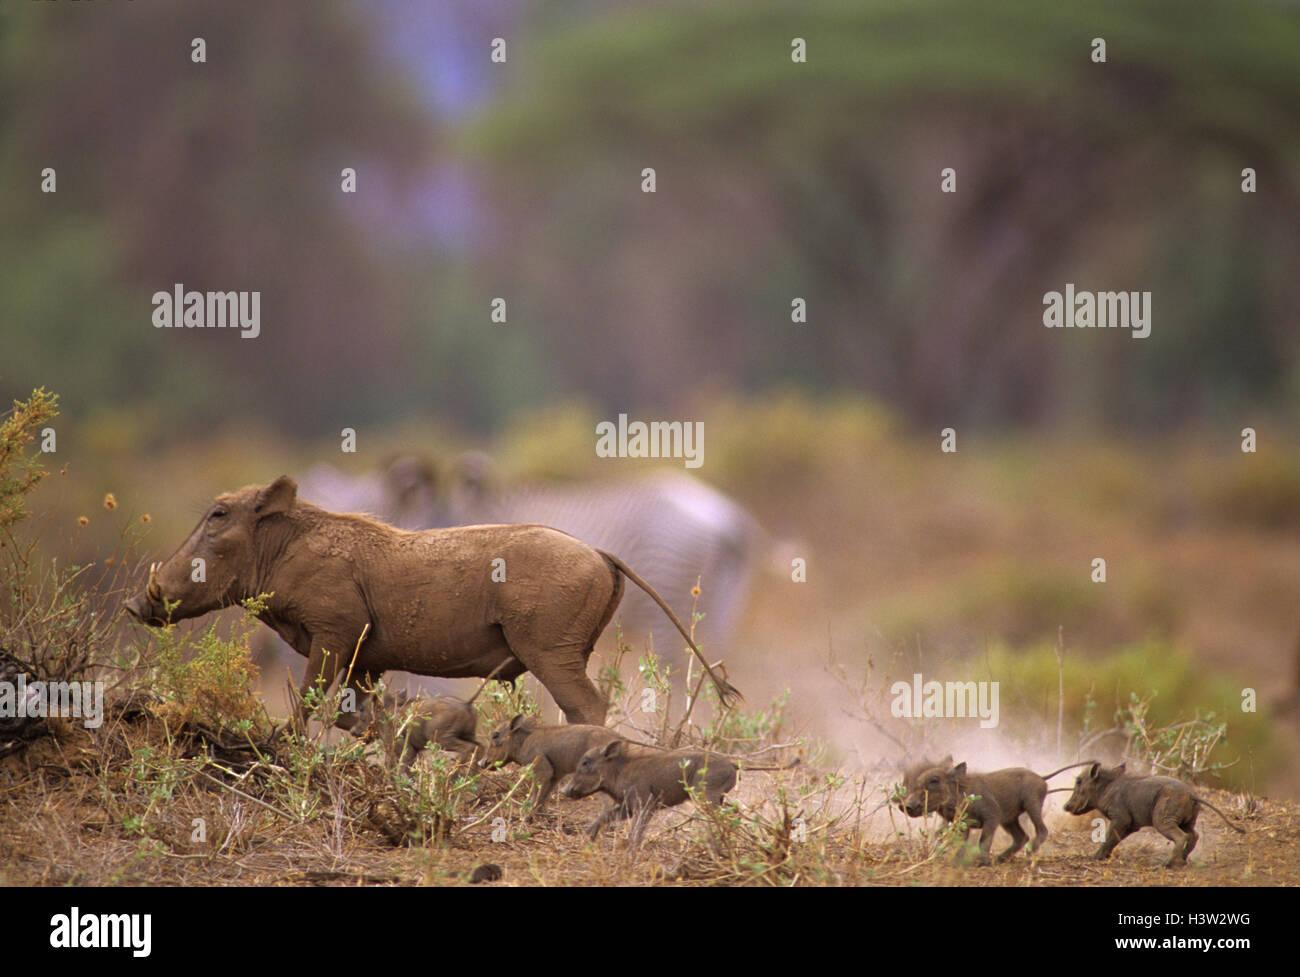 Common warthog (Phacochoerus africanus) - Stock Image